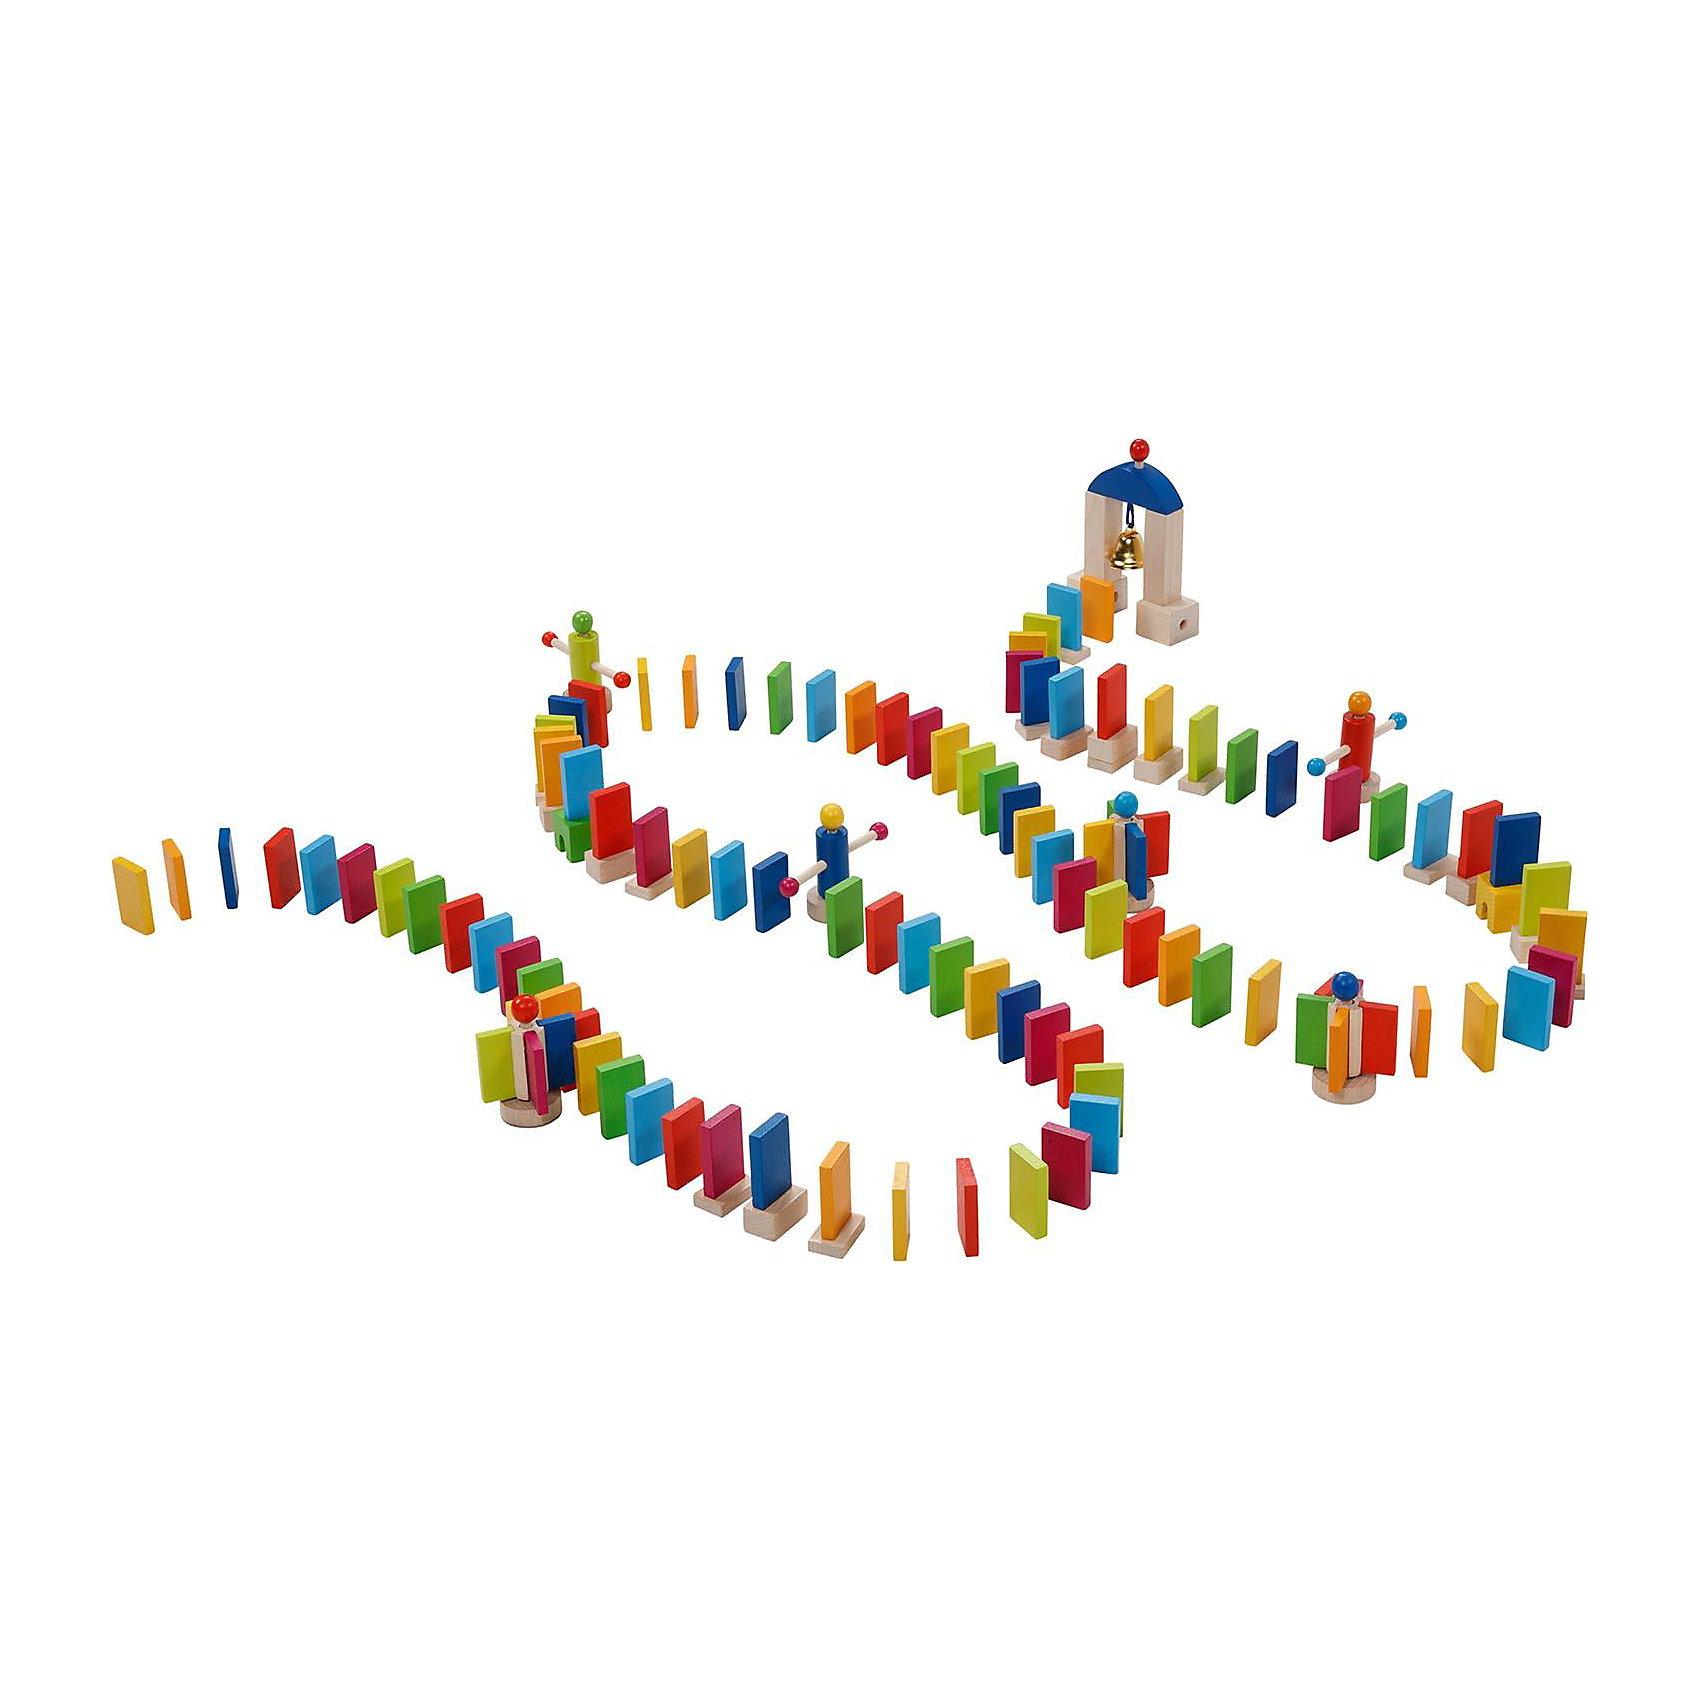 Конструктор Домино,  gokiКонструктор Домино,  goki (гоки) – это интересная и увлекательная активная игра для детей.<br>Конструктор Домино приведет в восторг не только малыша, но и его родителей. В набор входит огромное количество элементов, включая ворота с колокольчиком. Костяшки выстраиваются в определенном порядке, чередуясь с другими интересными элементами. В основе игры лежит принцип домино: когда костяшки домино падают, сбивая одну за другой. Последняя - при падении задевает колокольчик в воротах, сообщая об удачном конце игры. Чтобы падение получилось более эффектным можно использовать маленькие деревянные мельницы из набора. Элементы можно выстраивать рядами и затейливыми узорами. Ребенку будет очень интересно наблюдать, как падают детальки домино. Игра прекрасно развивает моторику рук, внимание, усидчивость малыша. Все детали набора выполнены из дерева и покрашены нетоксичной краской на водной основе.<br><br>Дополнительная информация:<br><br>- В наборе: костяшки домино, подставка под костяшки домино (чтобы их делать выше), 5 мельниц, ворота с колокольчиком<br>- Всего: 247 элементов<br>- Размер элемента: 2x4 см.<br>- Цвета: синий, зеленый, желтый, красный, розовый<br>- Материал: древесина, нетоксичные краски на водной основе<br>- Упаковка: картонная коробка и холщовый мешочек для деталей<br>- Размер упаковки: 30,1 х30,1х9,6 см.<br>- Вес: 1545 гр.<br><br>Конструктор Домино,  goki (гоки) можно купить в нашем интернет-магазине.<br><br>Ширина мм: 297<br>Глубина мм: 292<br>Высота мм: 98<br>Вес г: 1773<br>Возраст от месяцев: 36<br>Возраст до месяцев: 72<br>Пол: Унисекс<br>Возраст: Детский<br>SKU: 3830757